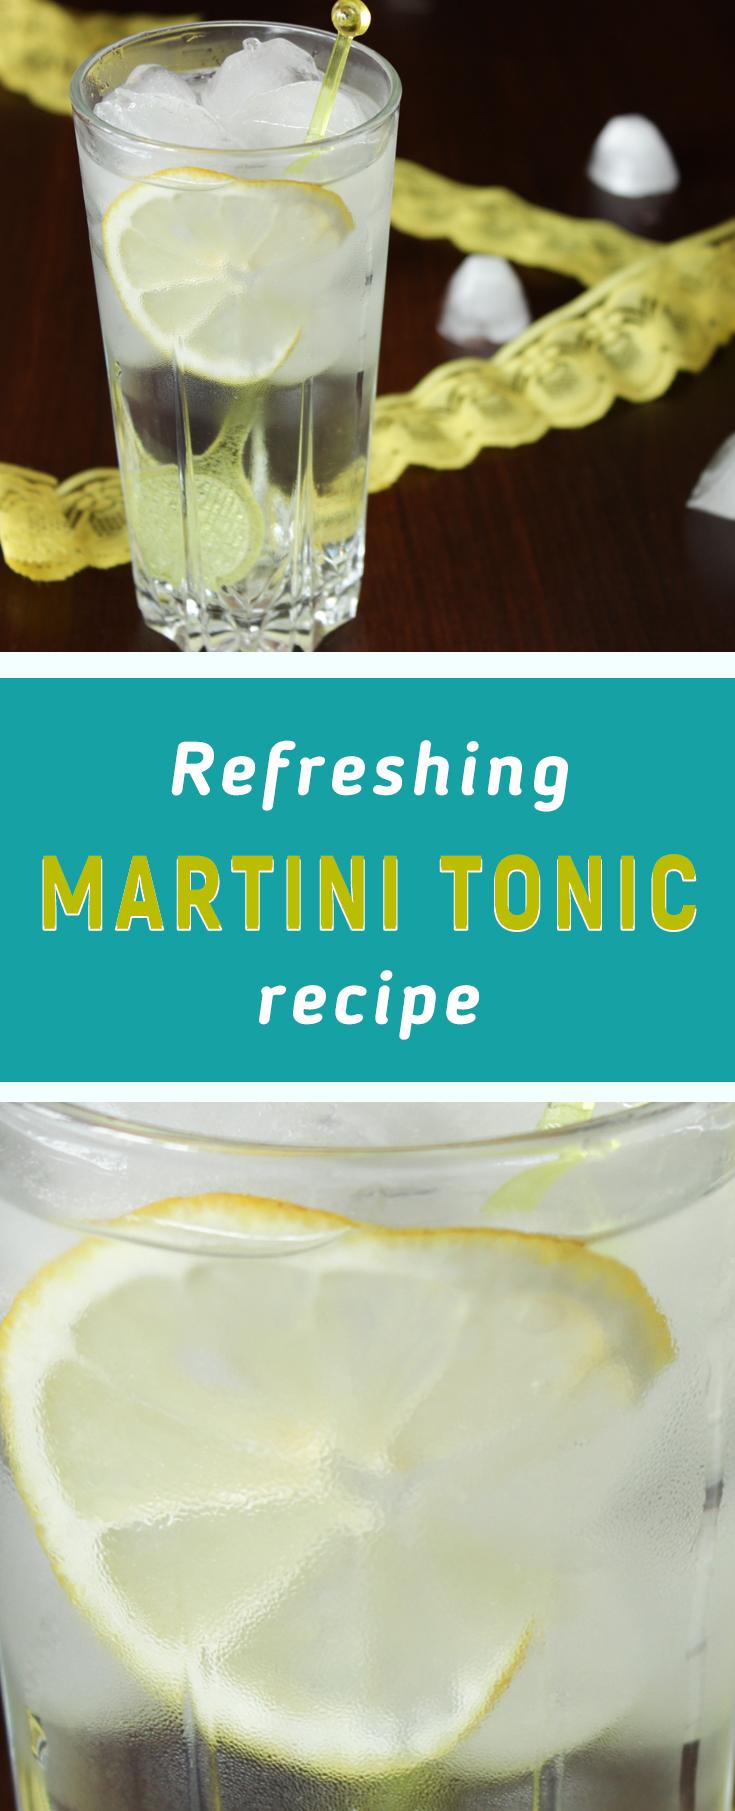 Martini recipe cocktail